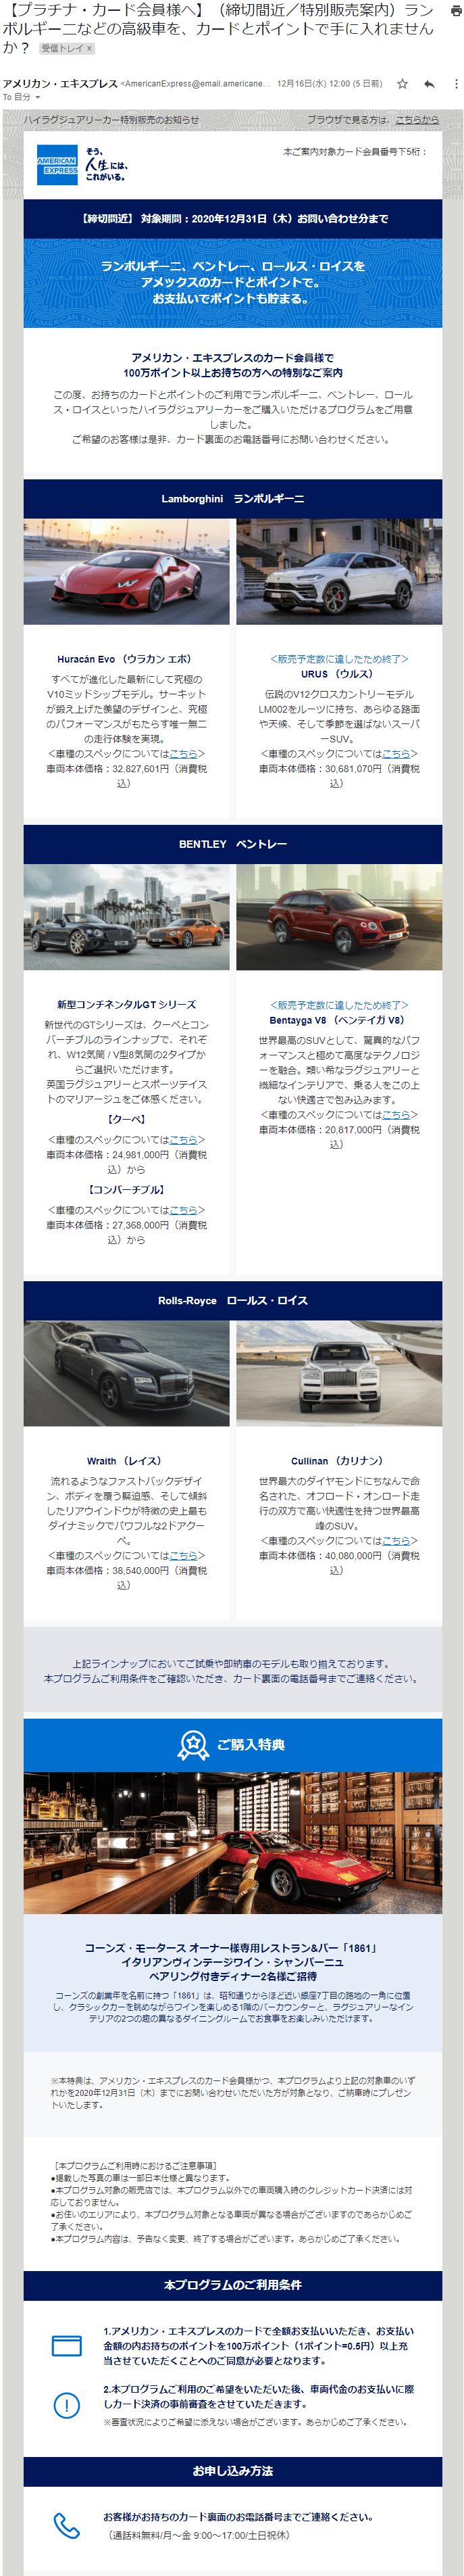 アメックスの高級車特別販売(カード+ポイント)